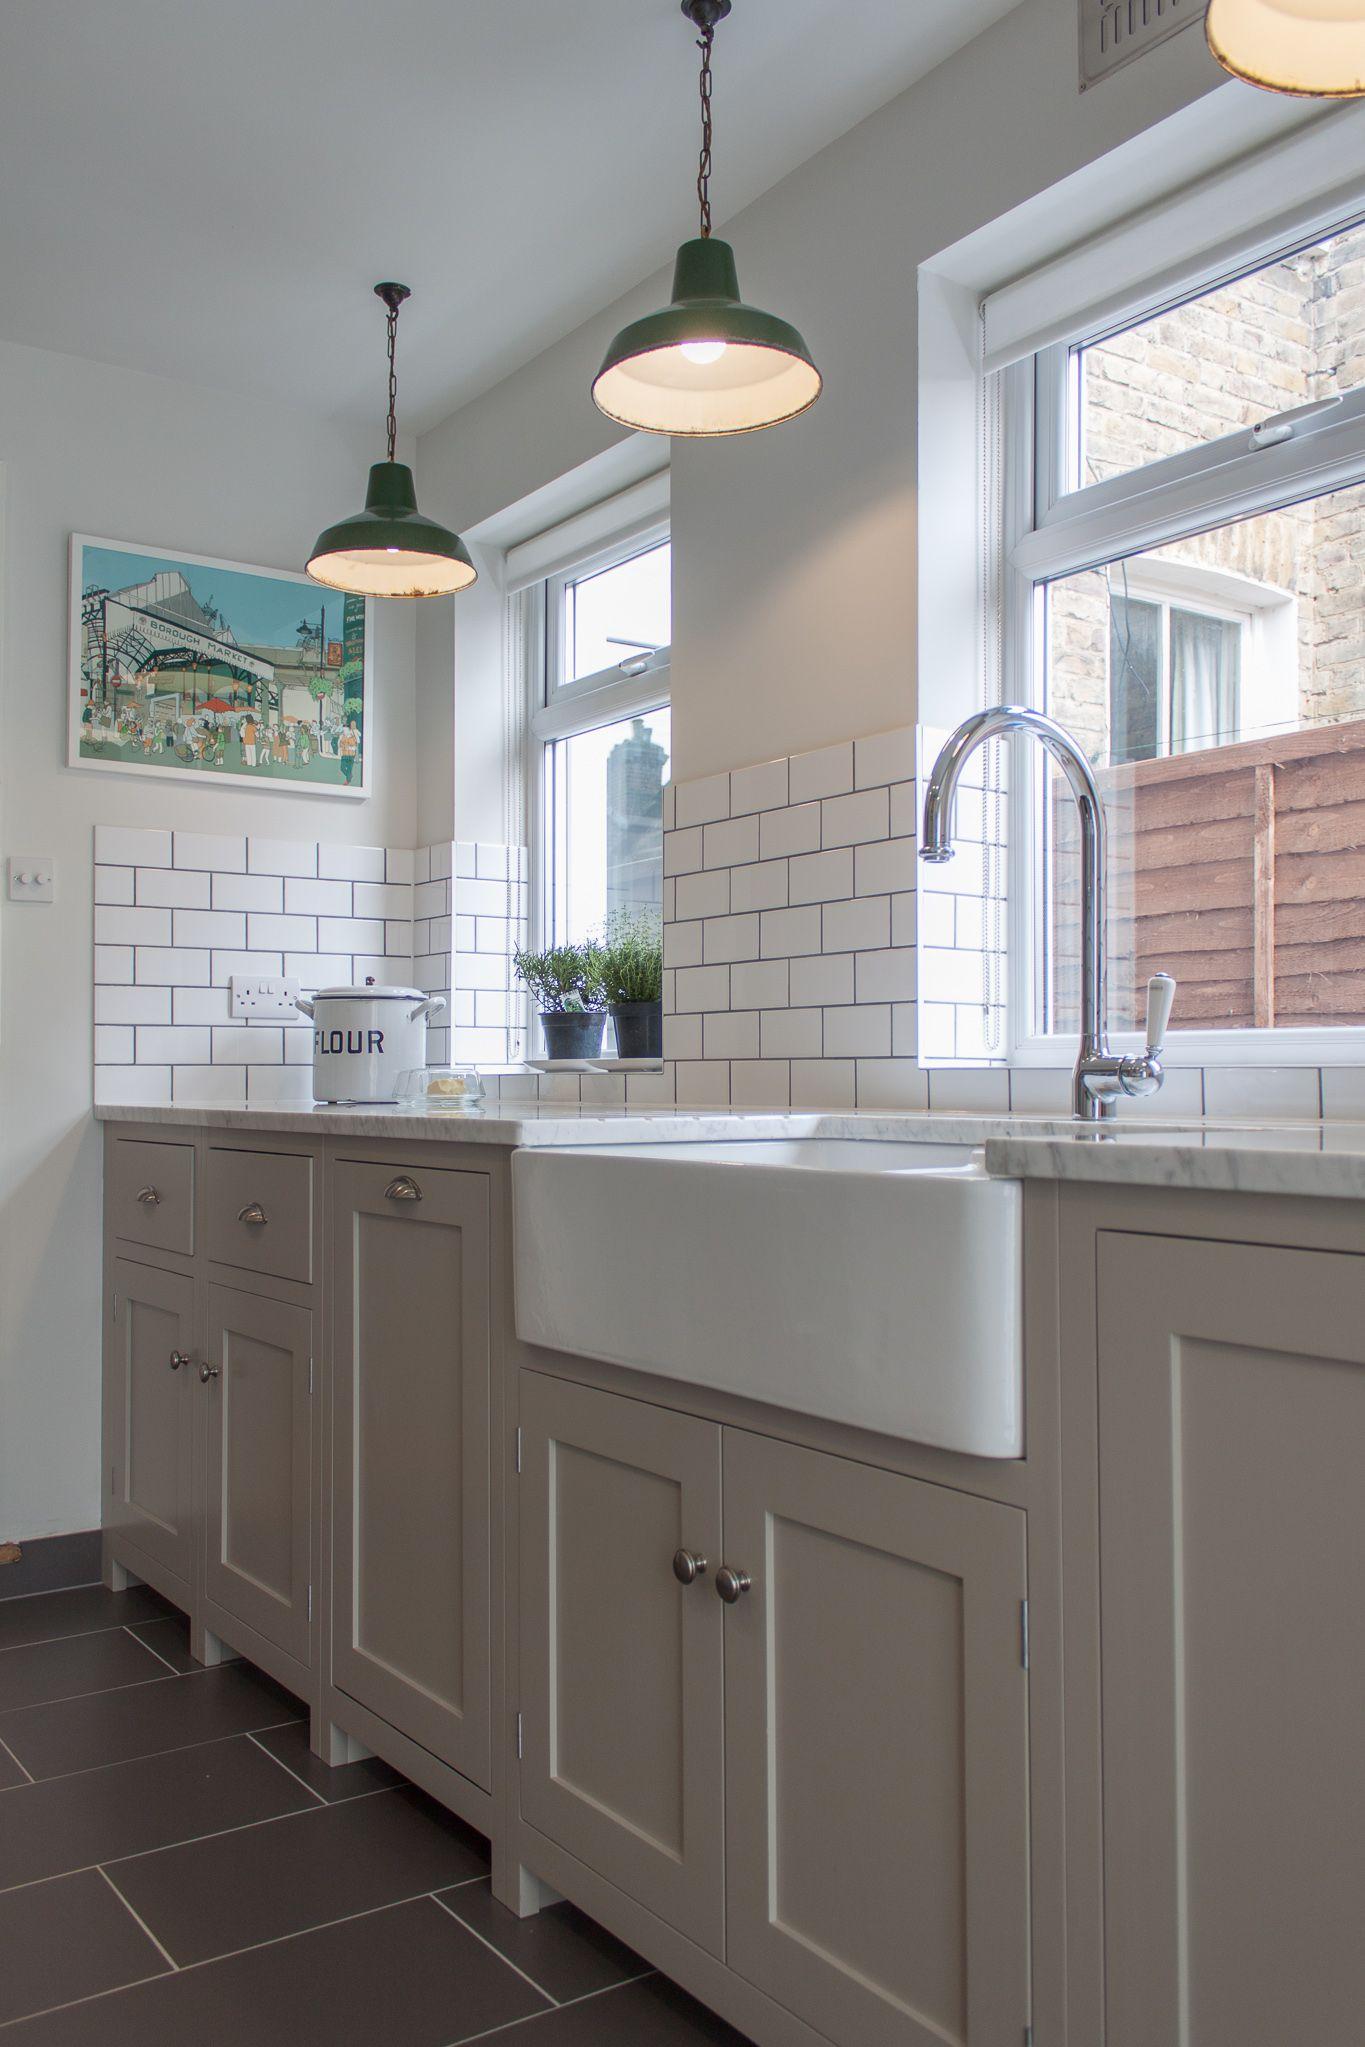 Wide belfast sink, putty units, white worktop. vintage